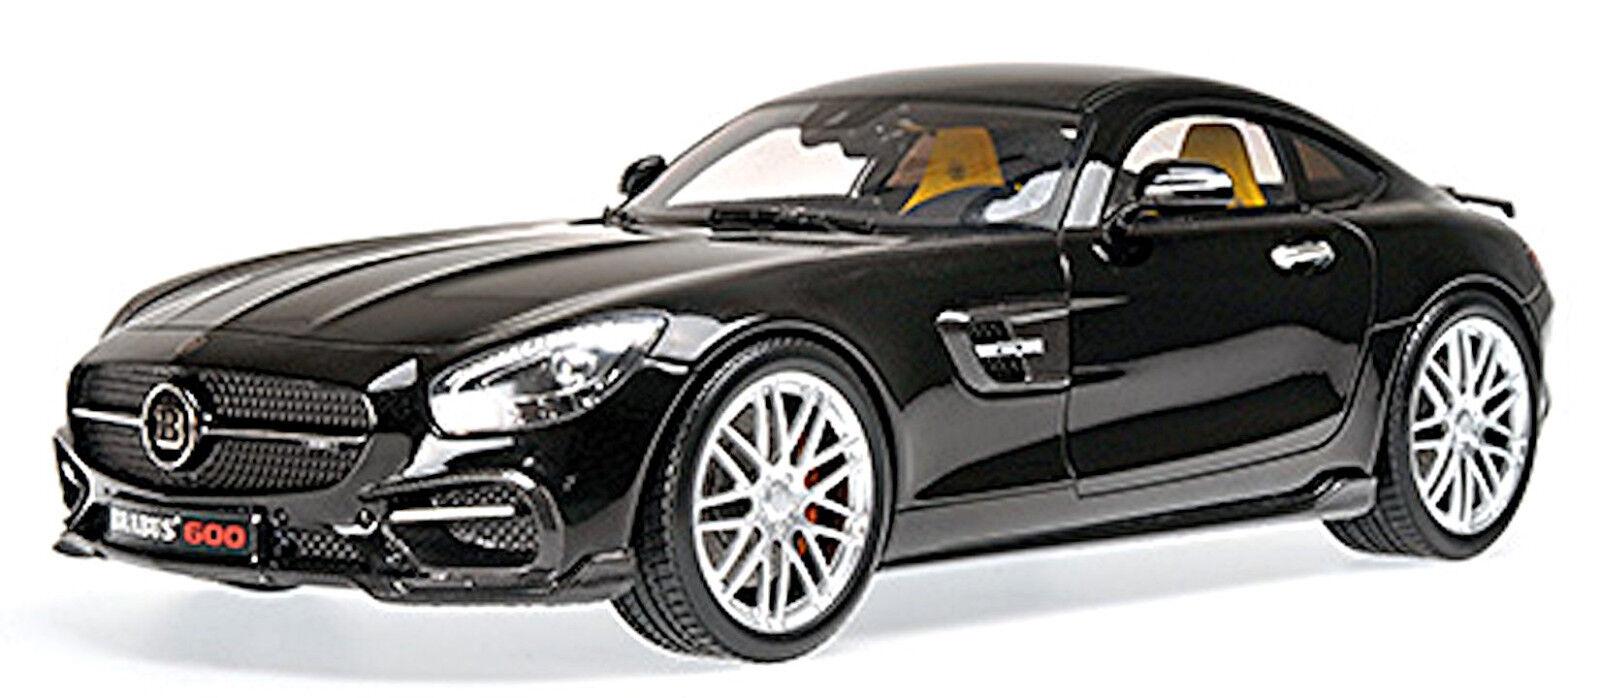 negozi al dettaglio Braautobus 600 Coupè 2015 su Base Mercedes AMG AMG AMG Gt S NERO Nero 1 18 Minichamps  negozio online